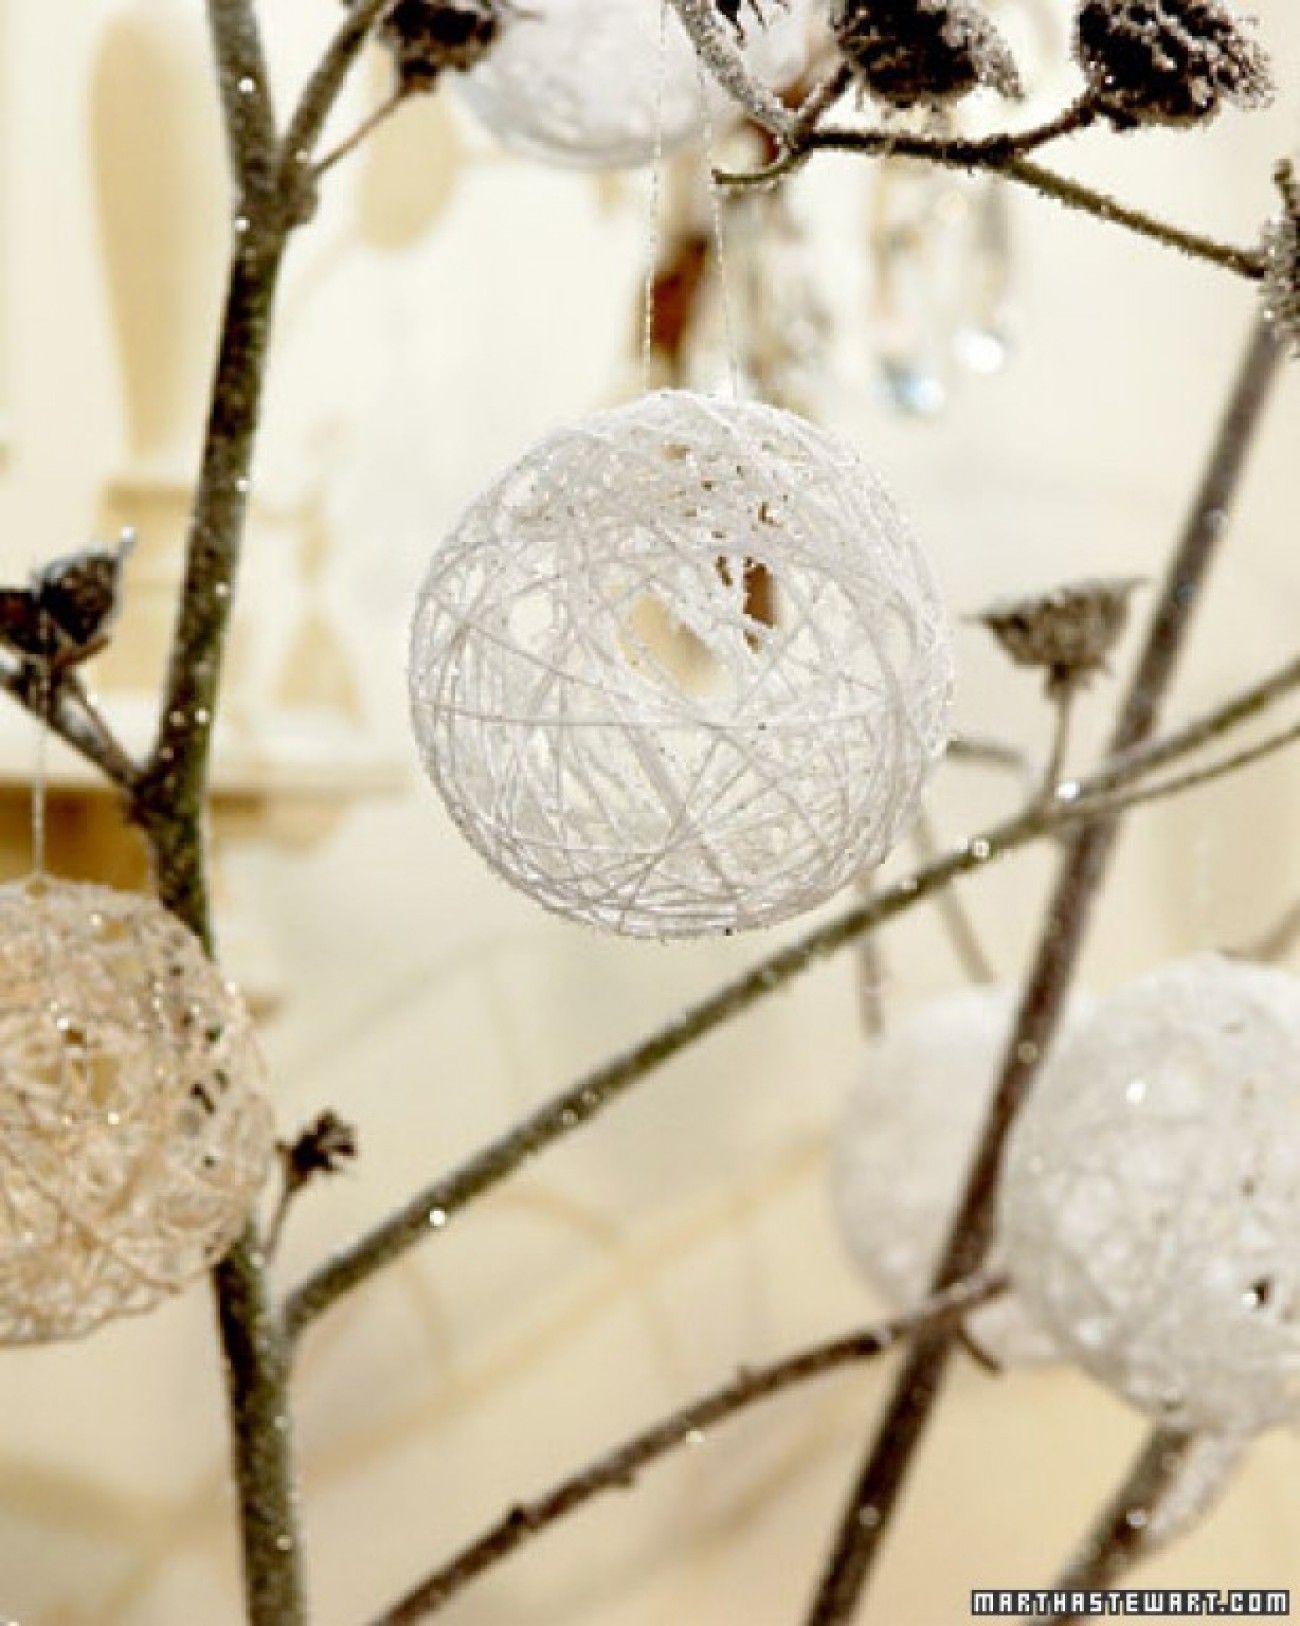 b81c3a61c171a528aaf77a8f716817f9 Wunderschöne Weihnachtsdekoration Aussen Selber Machen Dekorationen